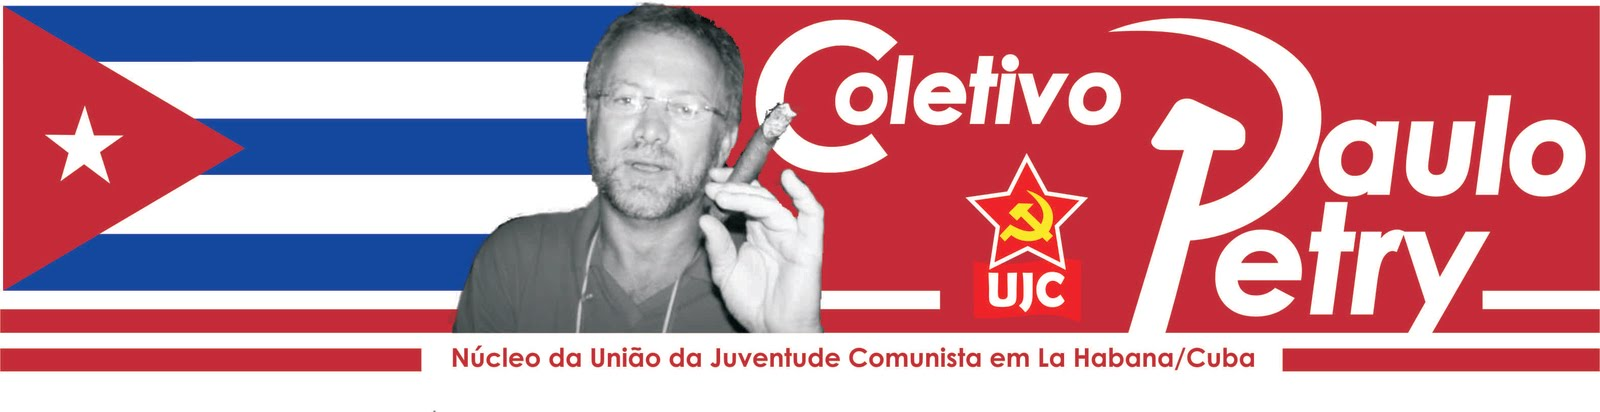 União da Juventude Comunista (UJC) em Cuba - Coletivo Paulo Petry